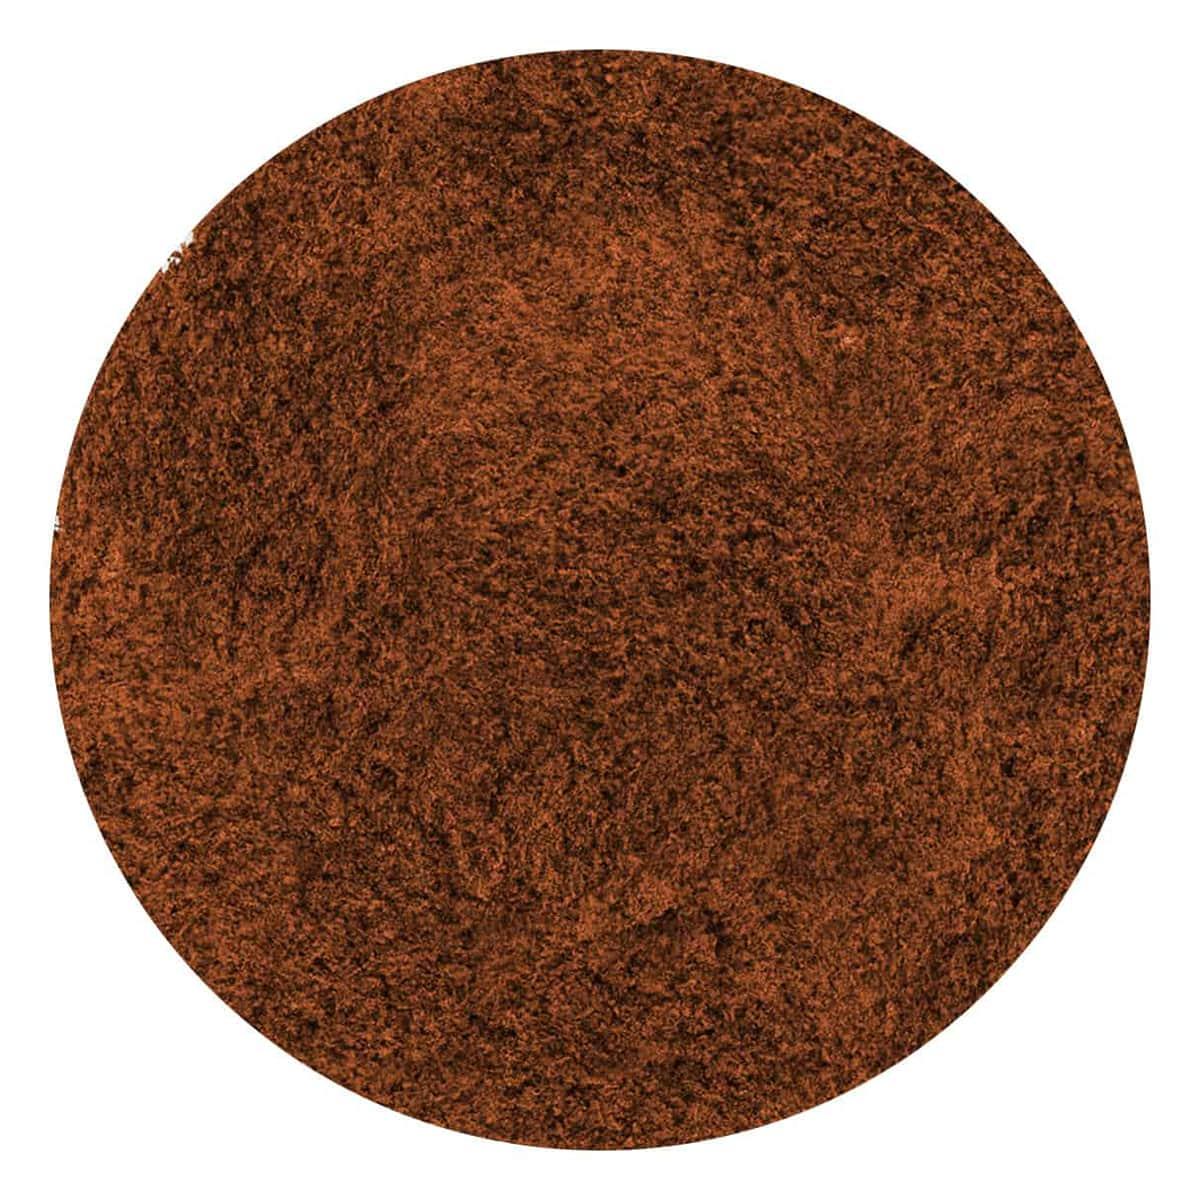 Buy Hindustan Dark Roasted Curry Powder - 250 gm